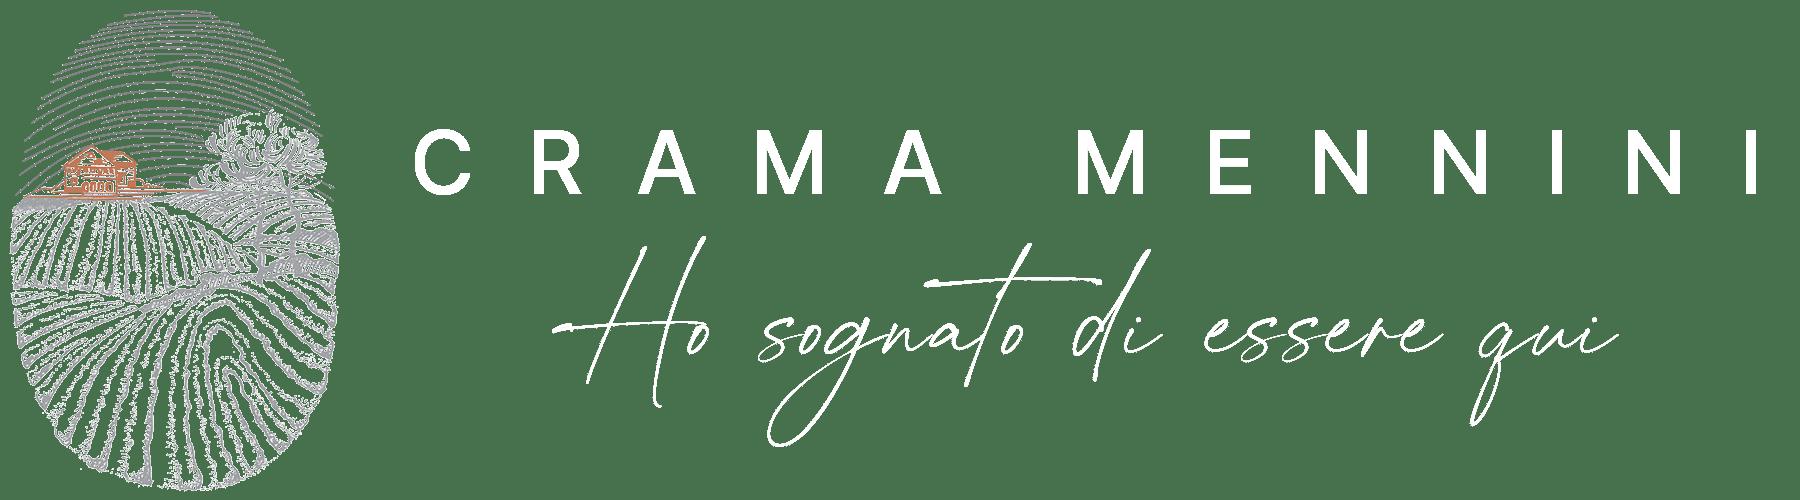 Cramamennini